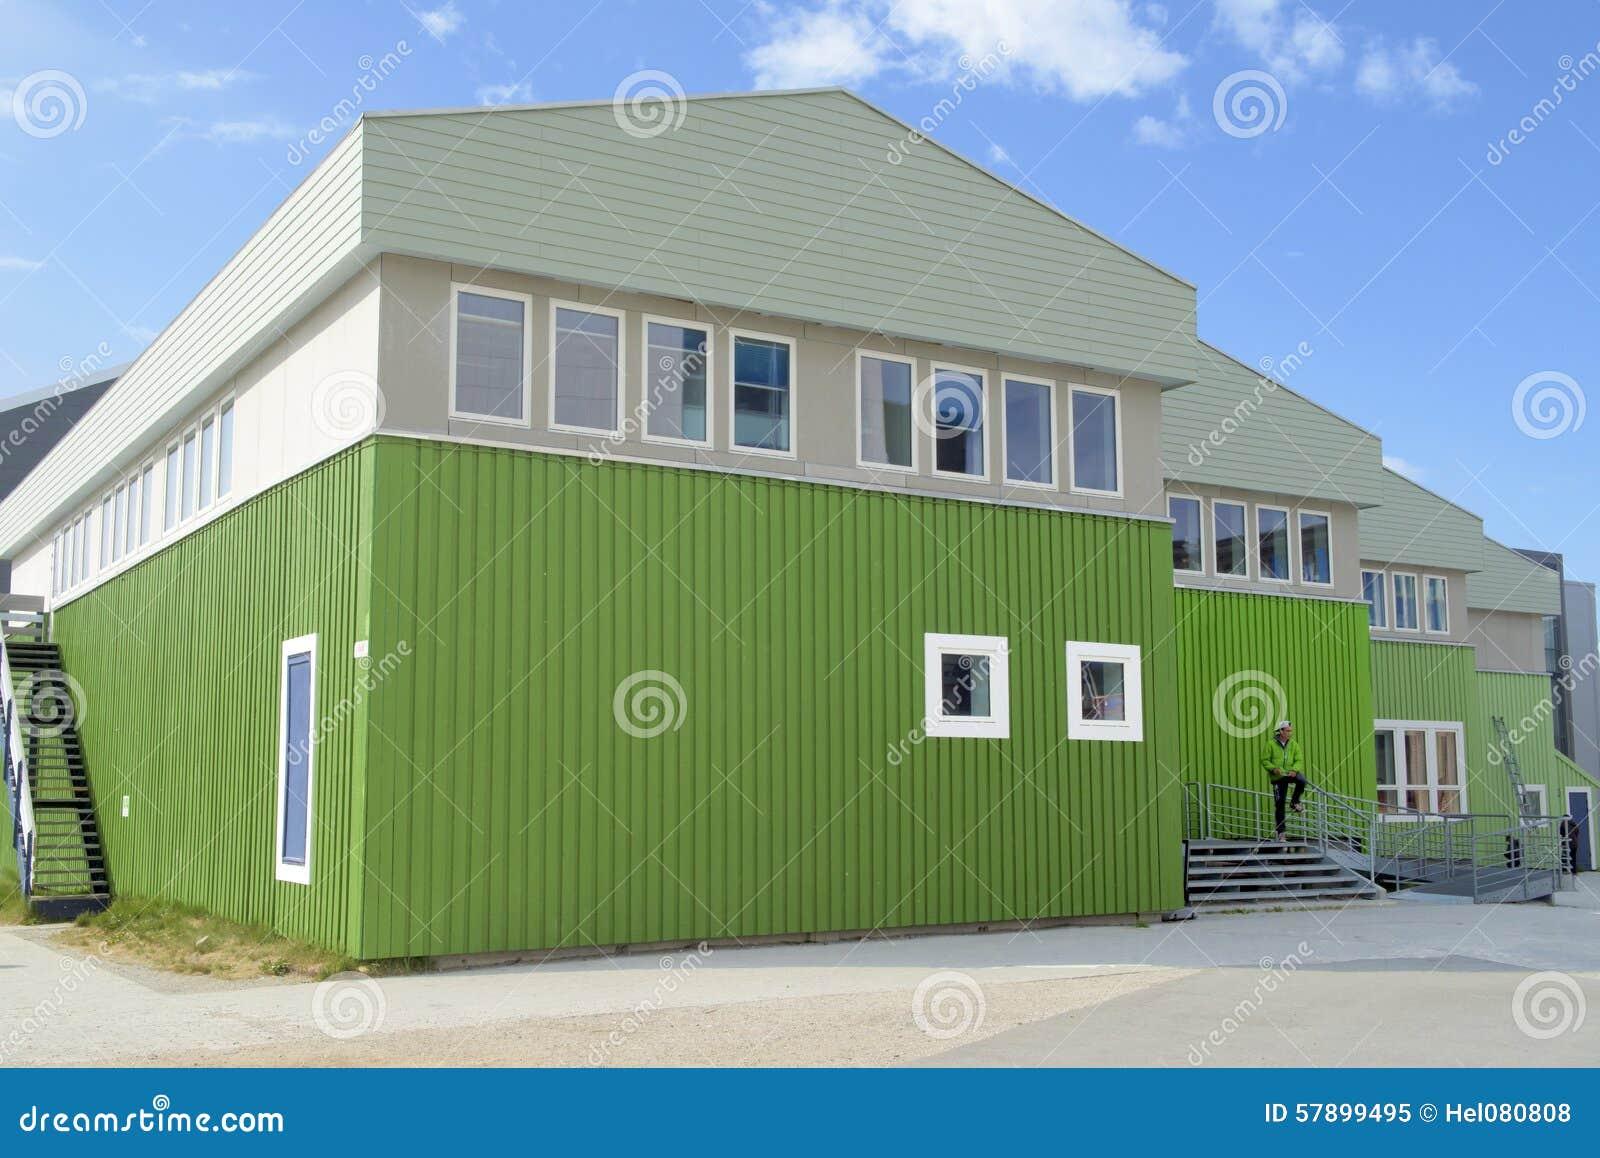 Nuevo color verde para la casa y la chaqueta